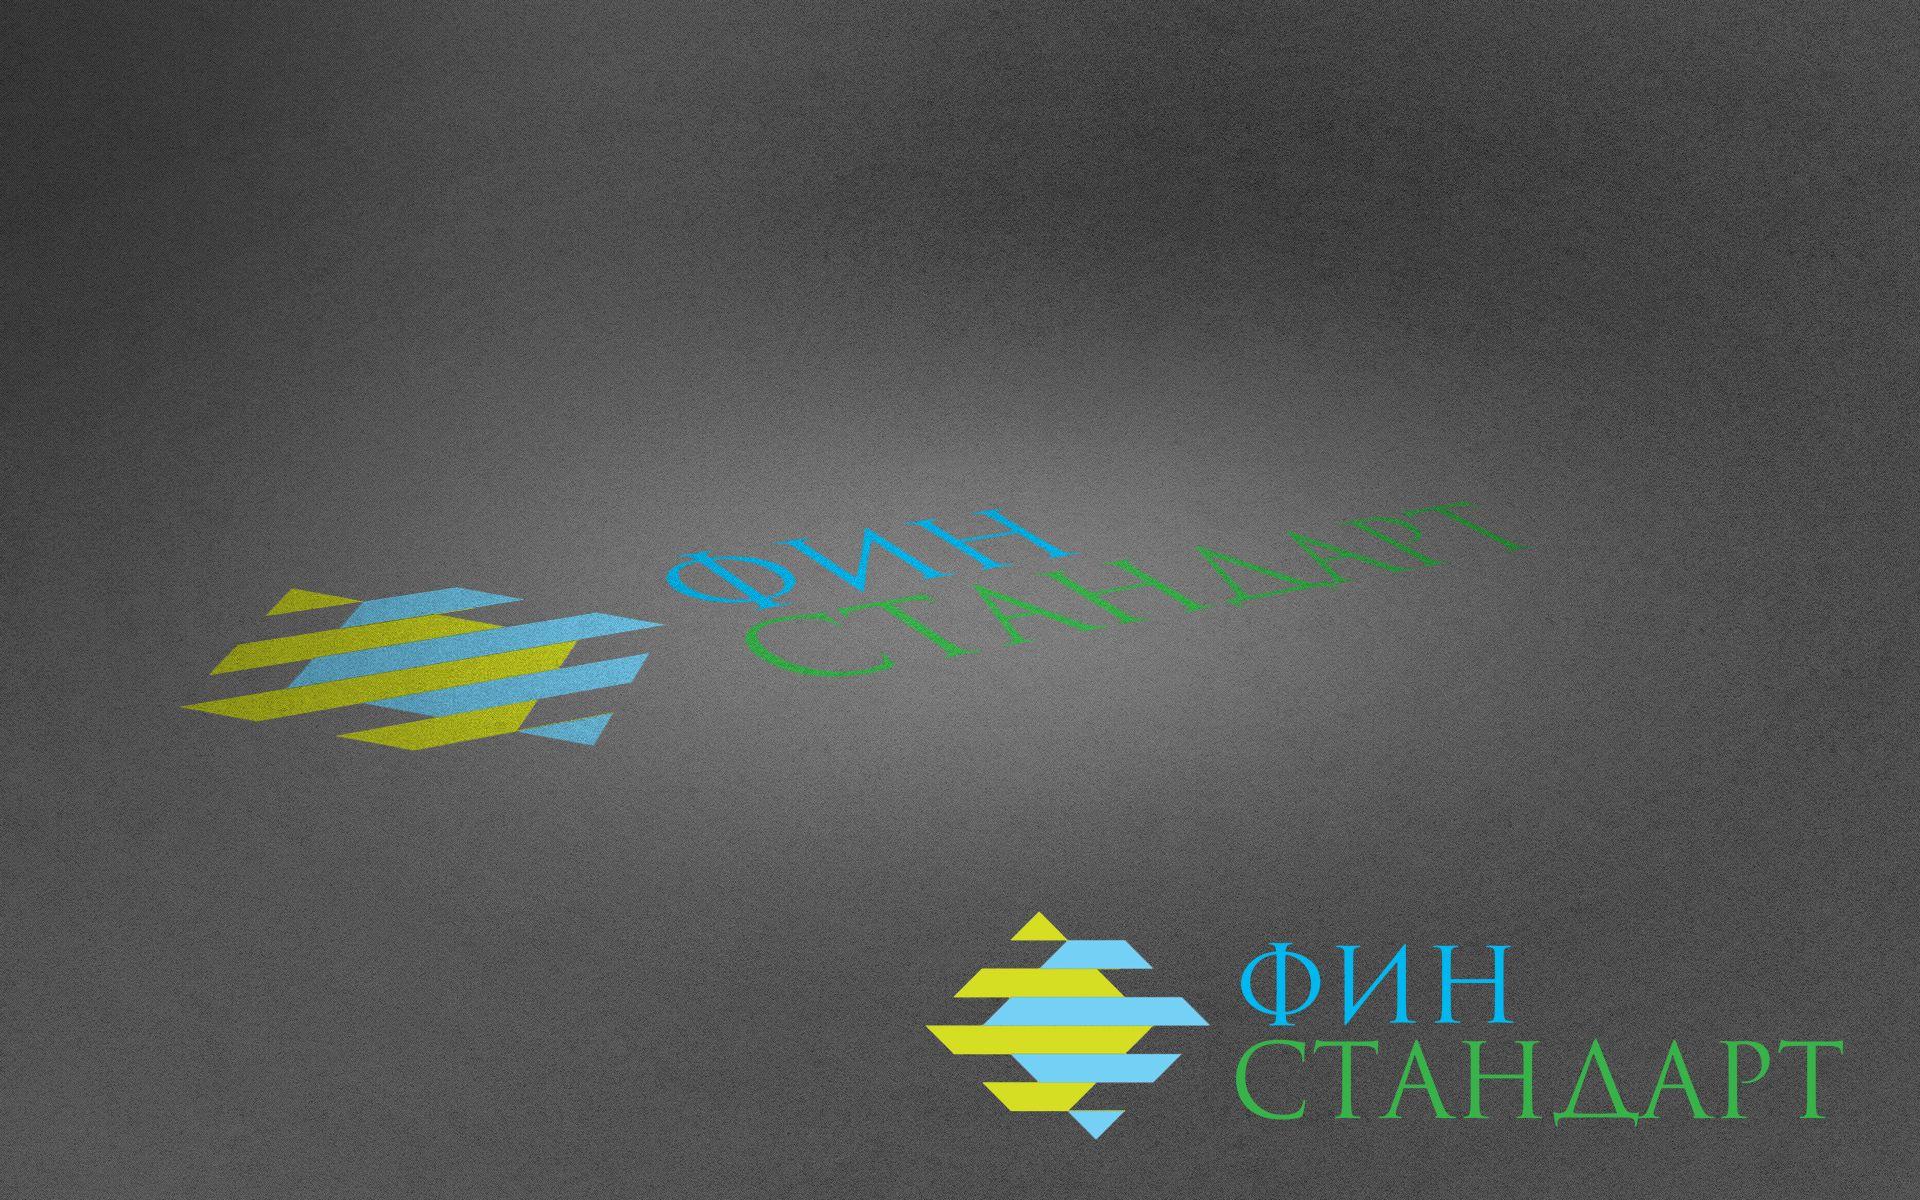 Лого и ФС для ФинСтандарт - дизайнер KURUMOCH